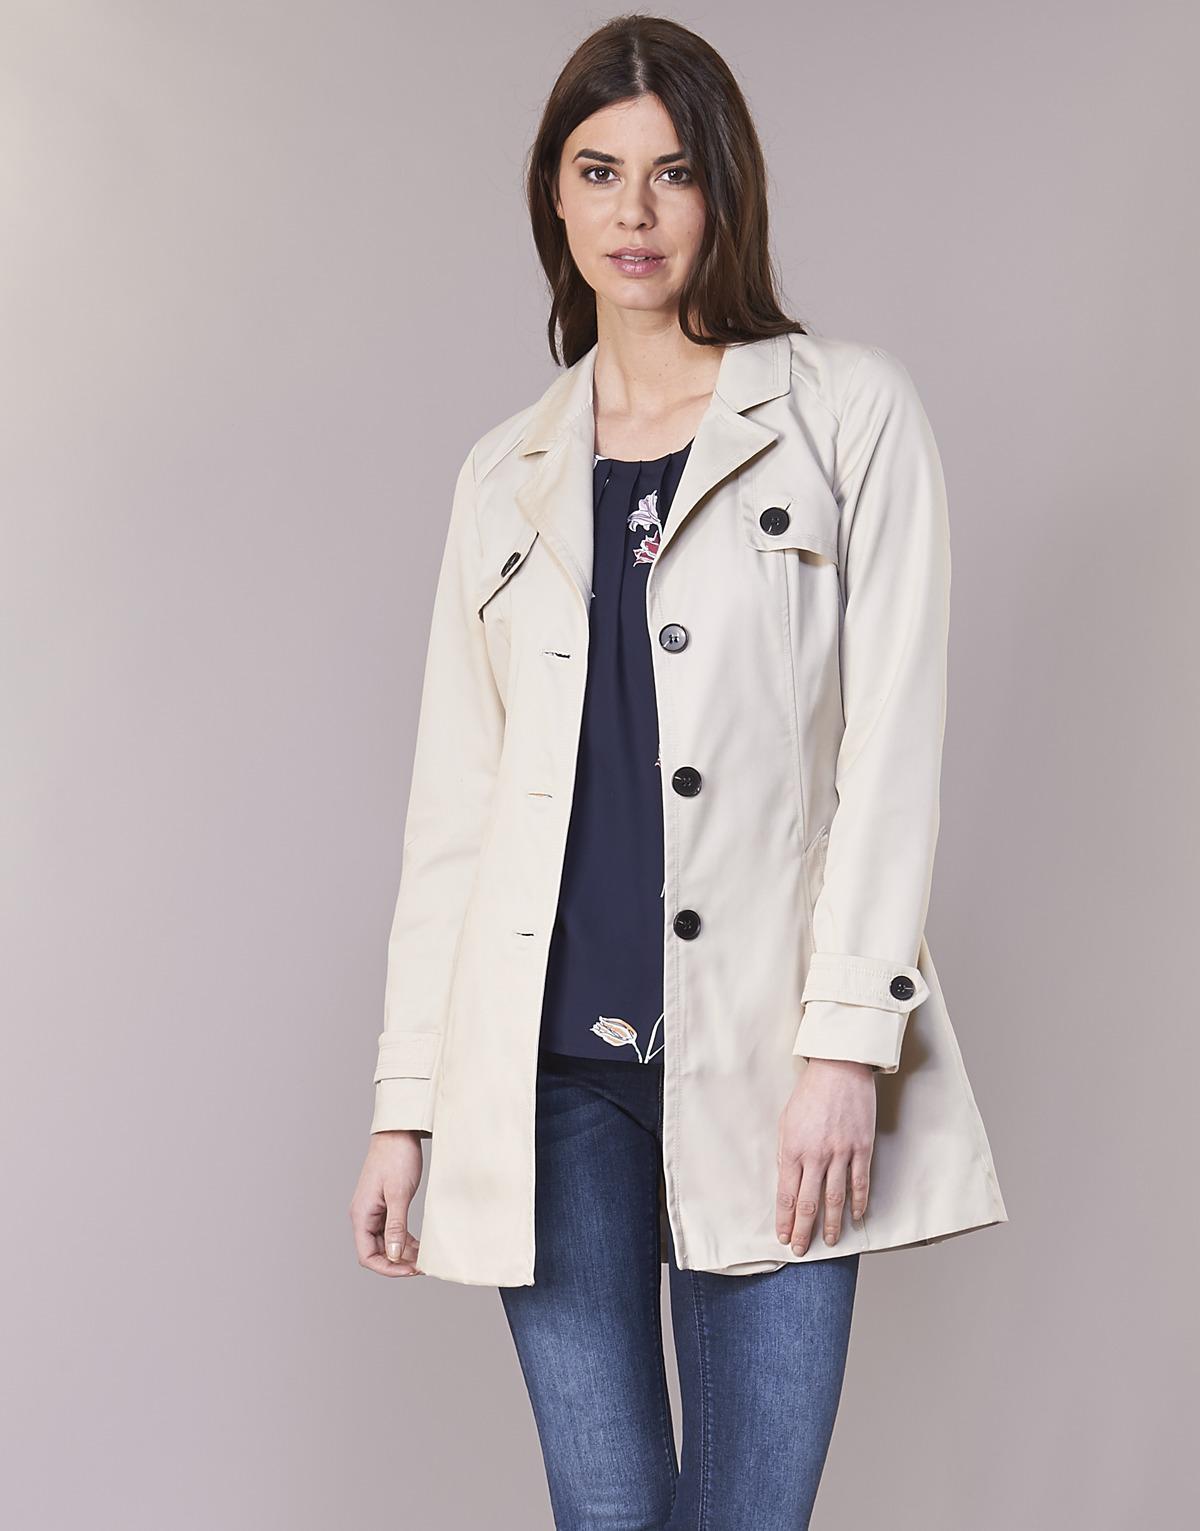 Vero Moda Vmgo Abby Women s Trench Coat In Beige in Natural - Lyst 0731d5fbfe